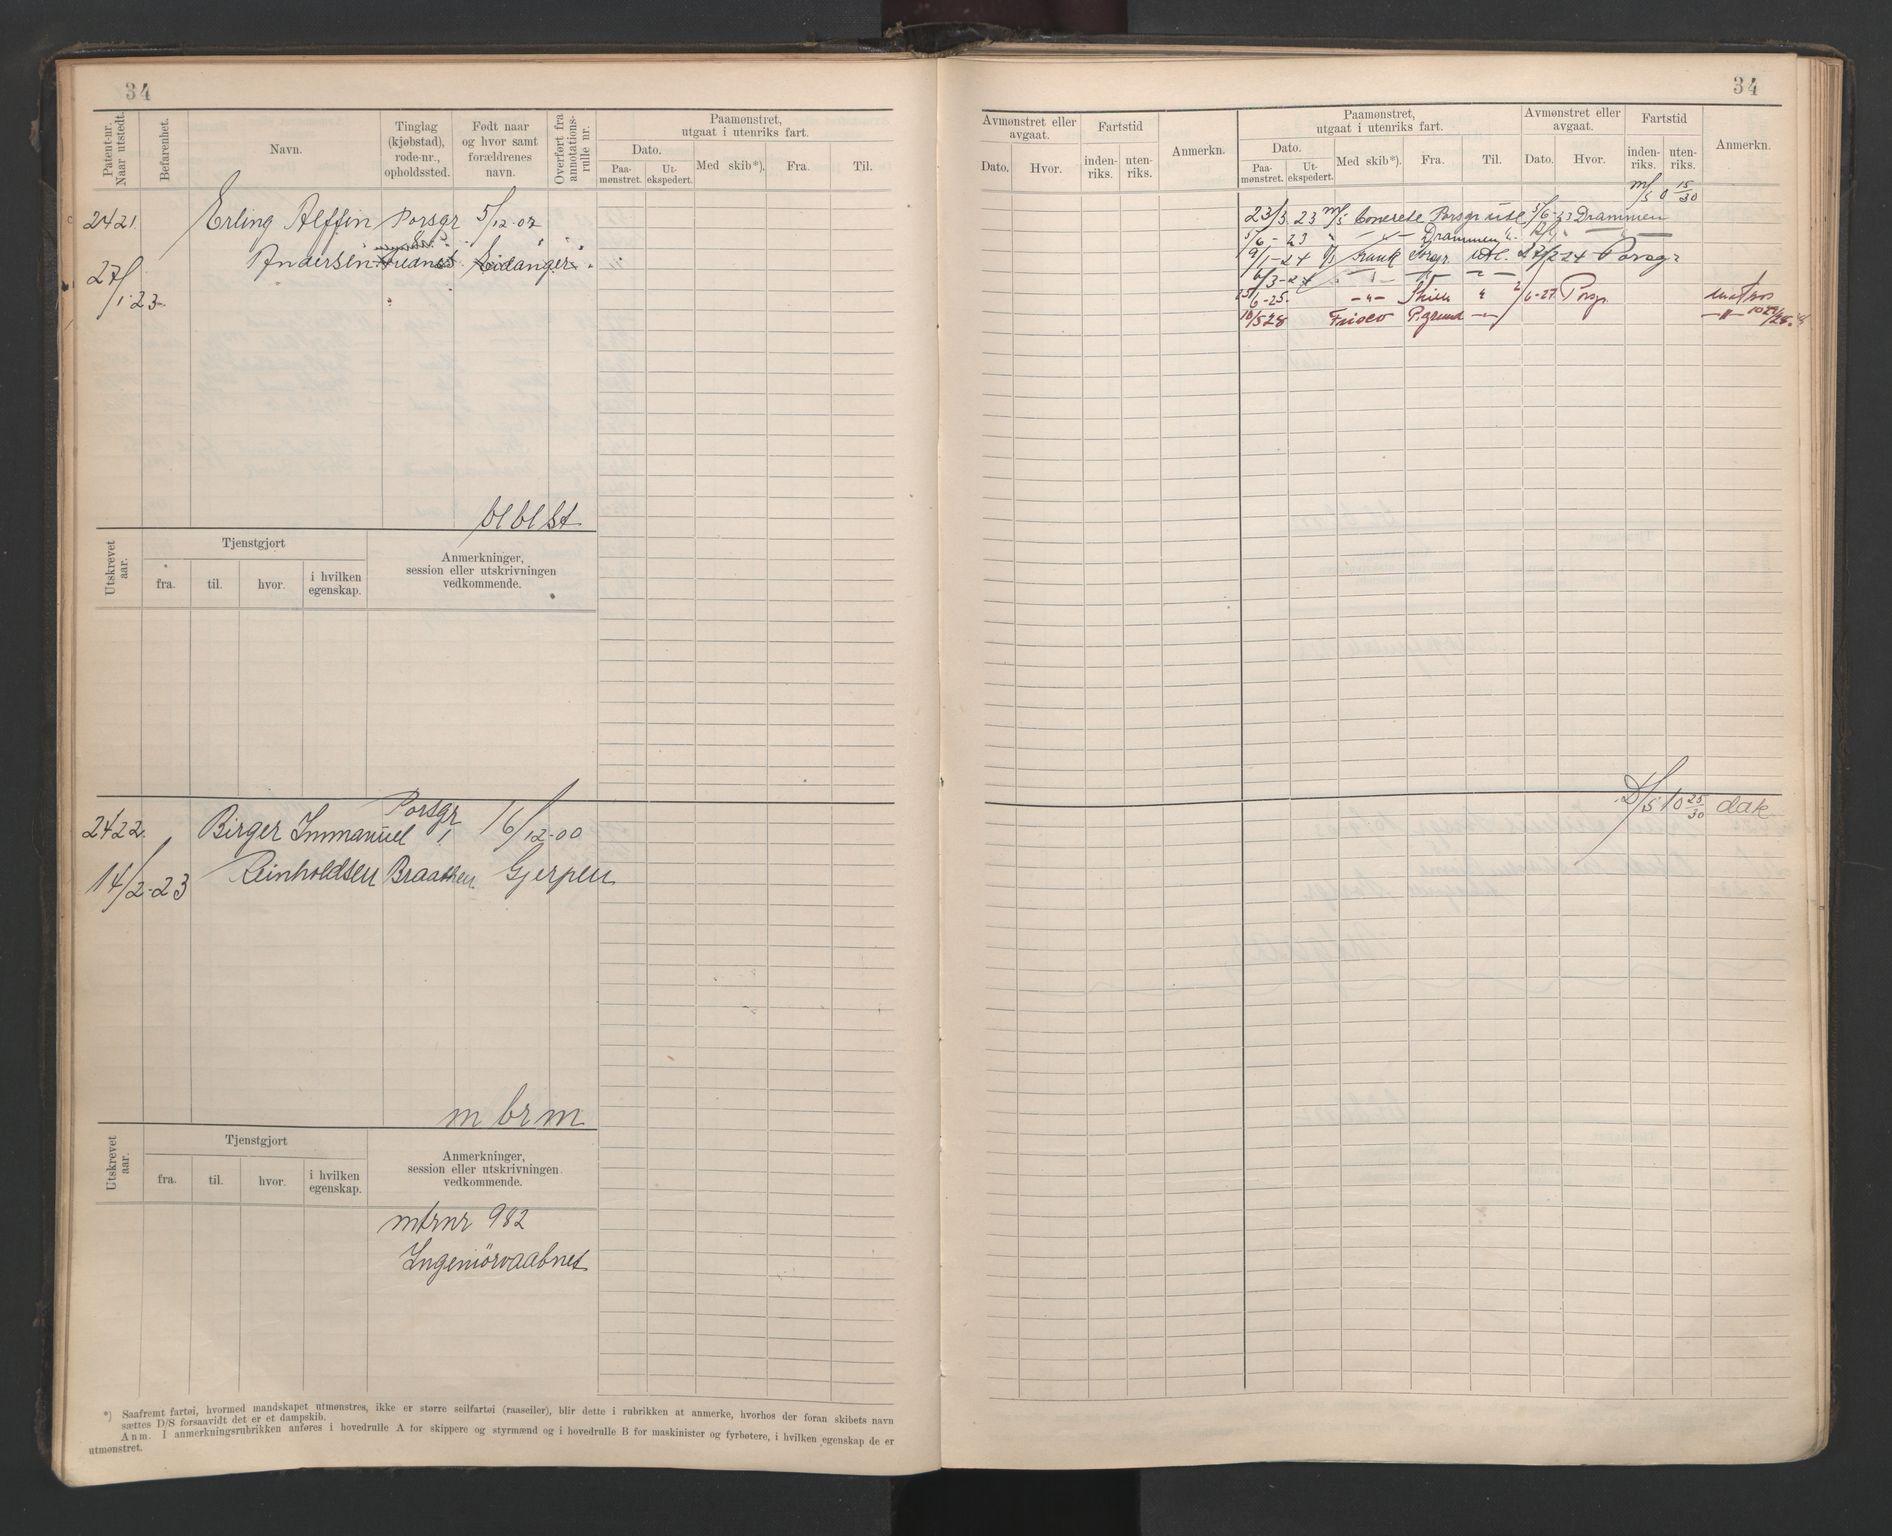 SAKO, Porsgrunn innrulleringskontor, F/Fb/L0007: Annotasjonsrulle, 1926-1948, s. 39